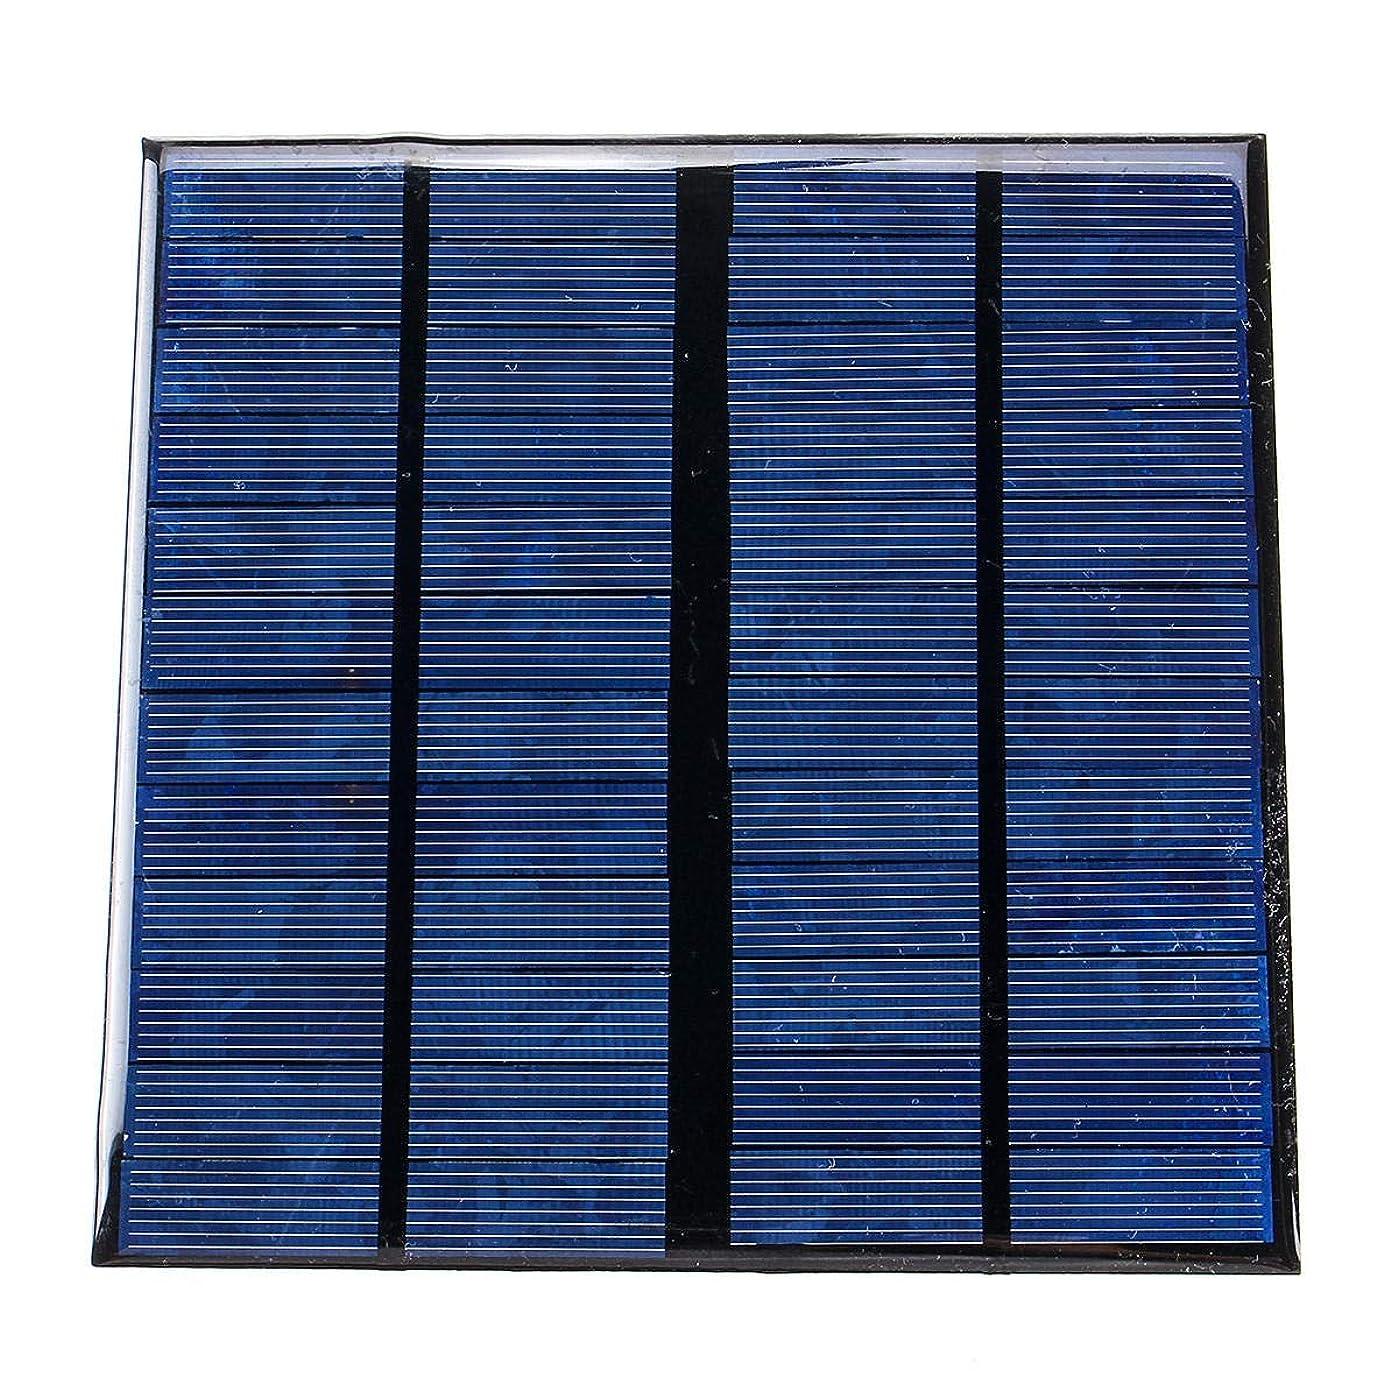 いつか狼地域のLY-YY 急速充電 12V 3W 250ミリアンペアミニポリシリコンソーラーパネル、ソーラーパネル ポータブル電源